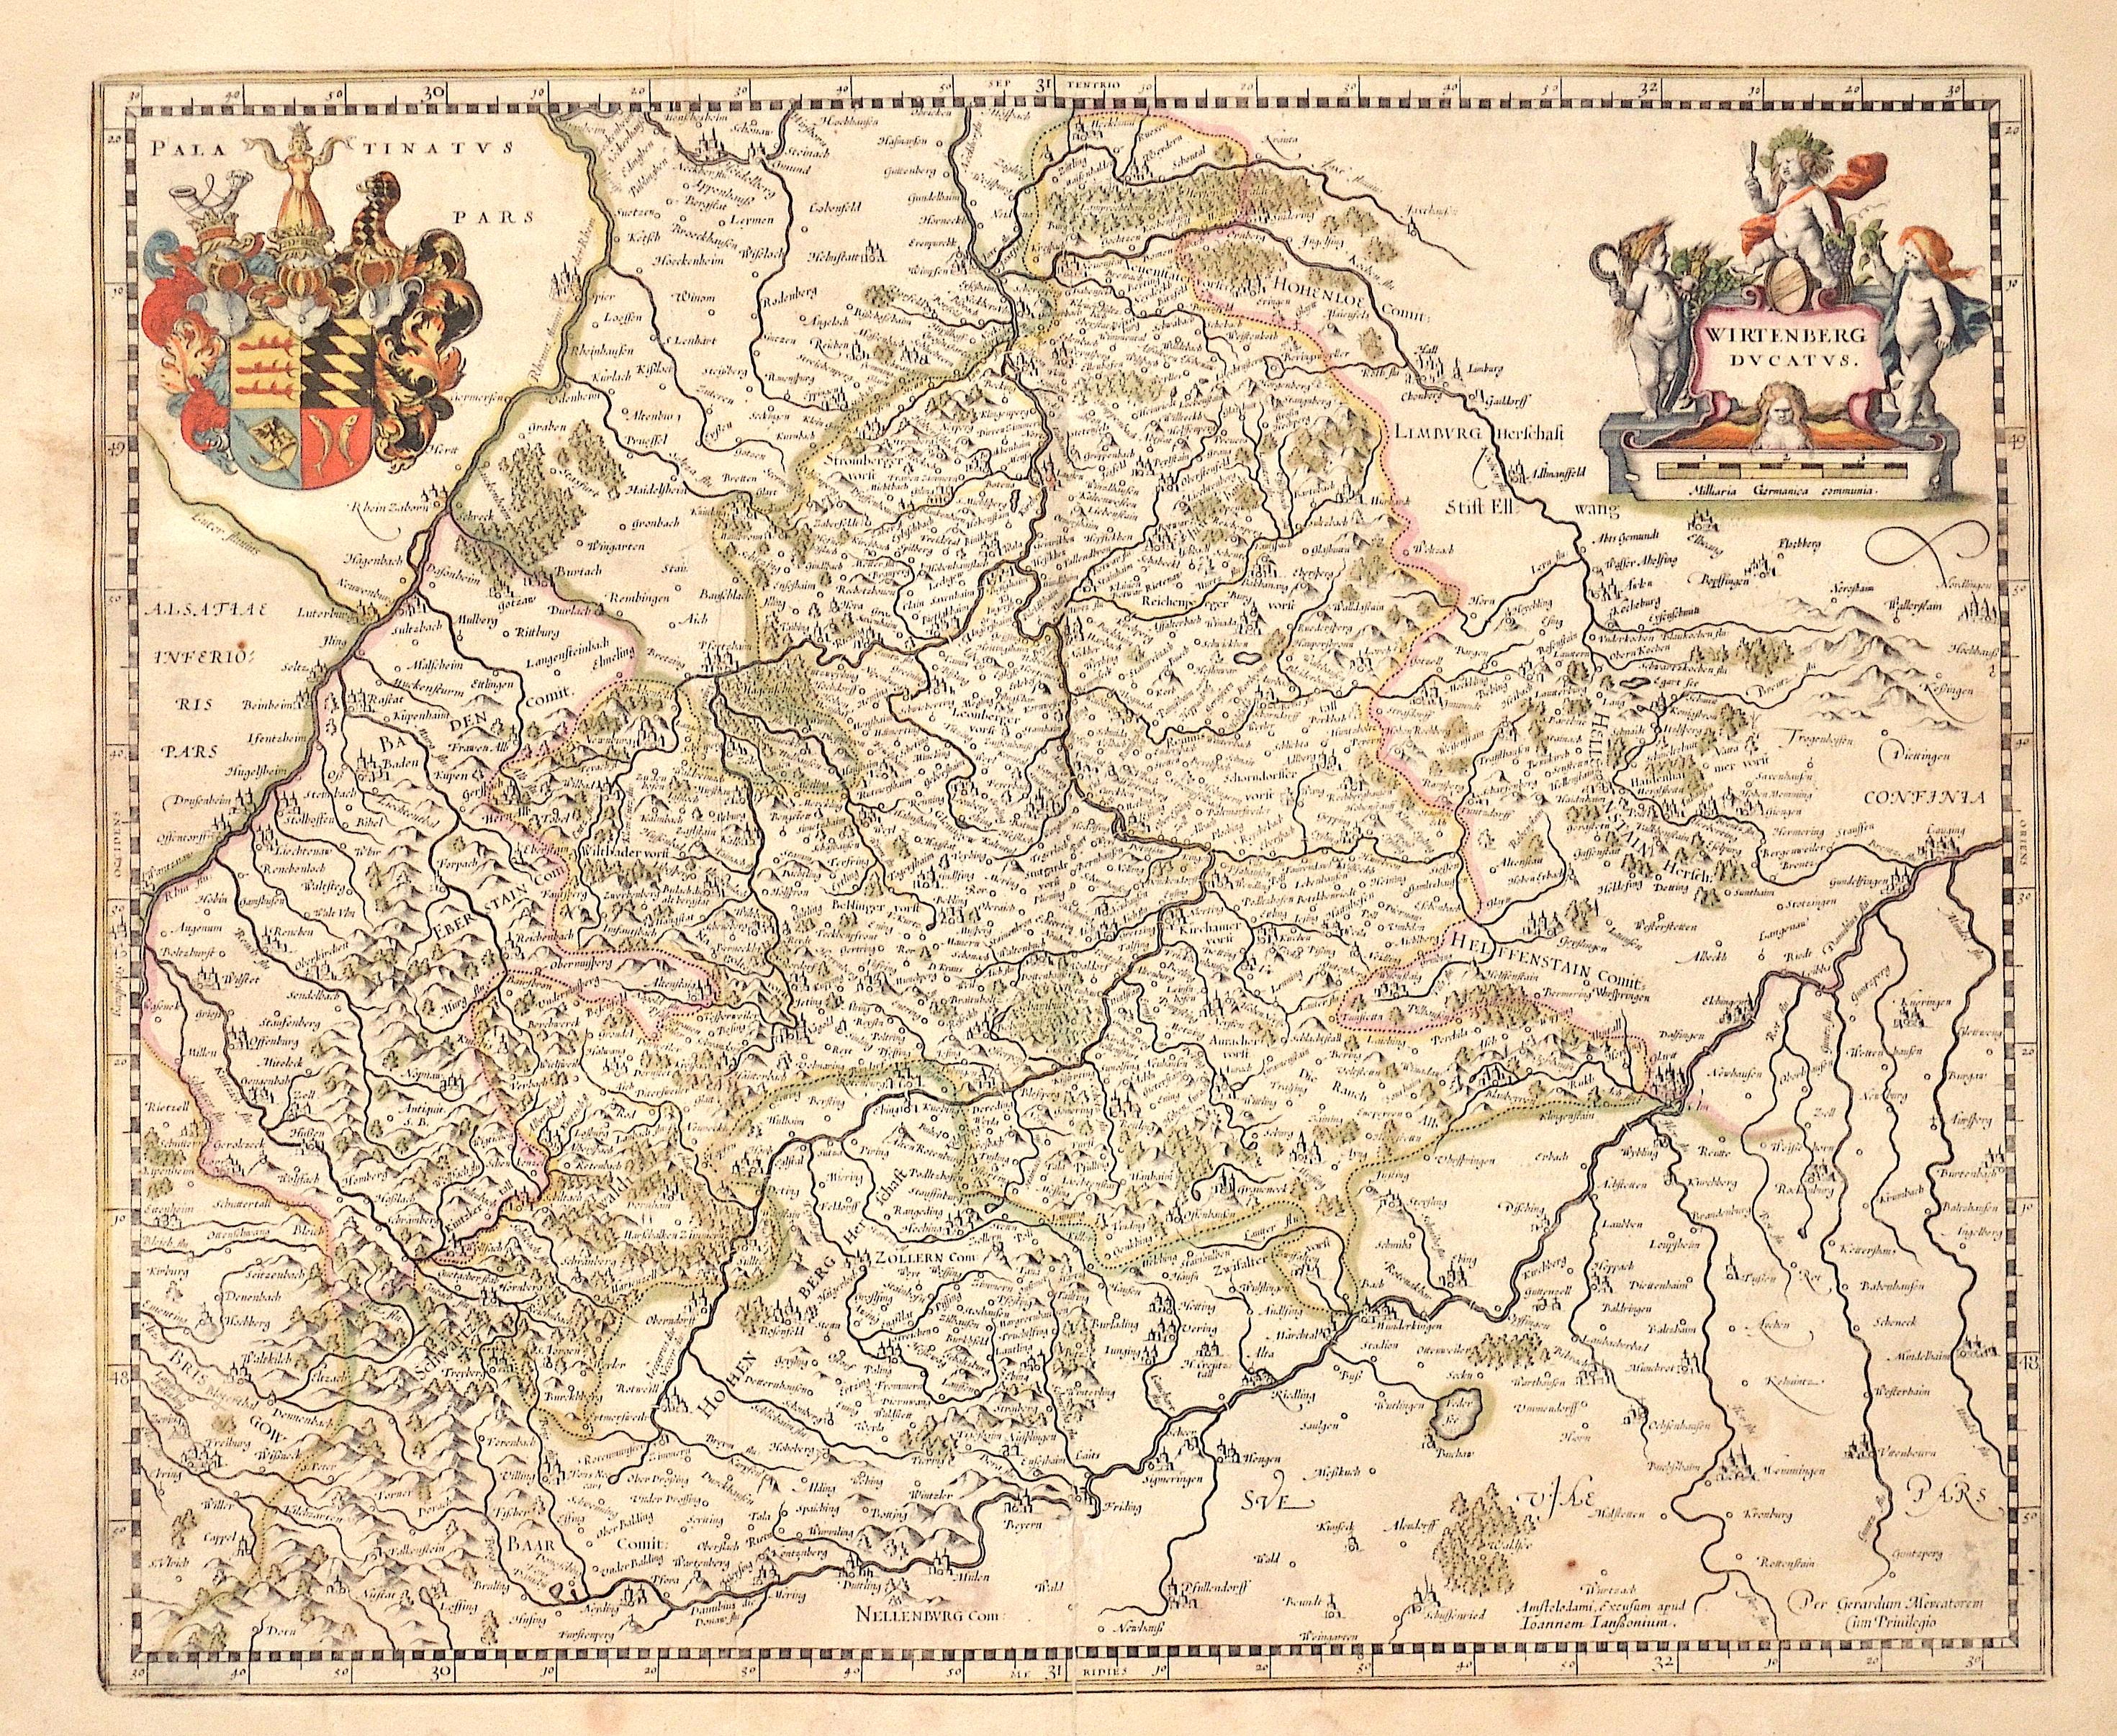 Janssonius/Mercator-Hondius, H. Johann Wirtenberg Ducatus.